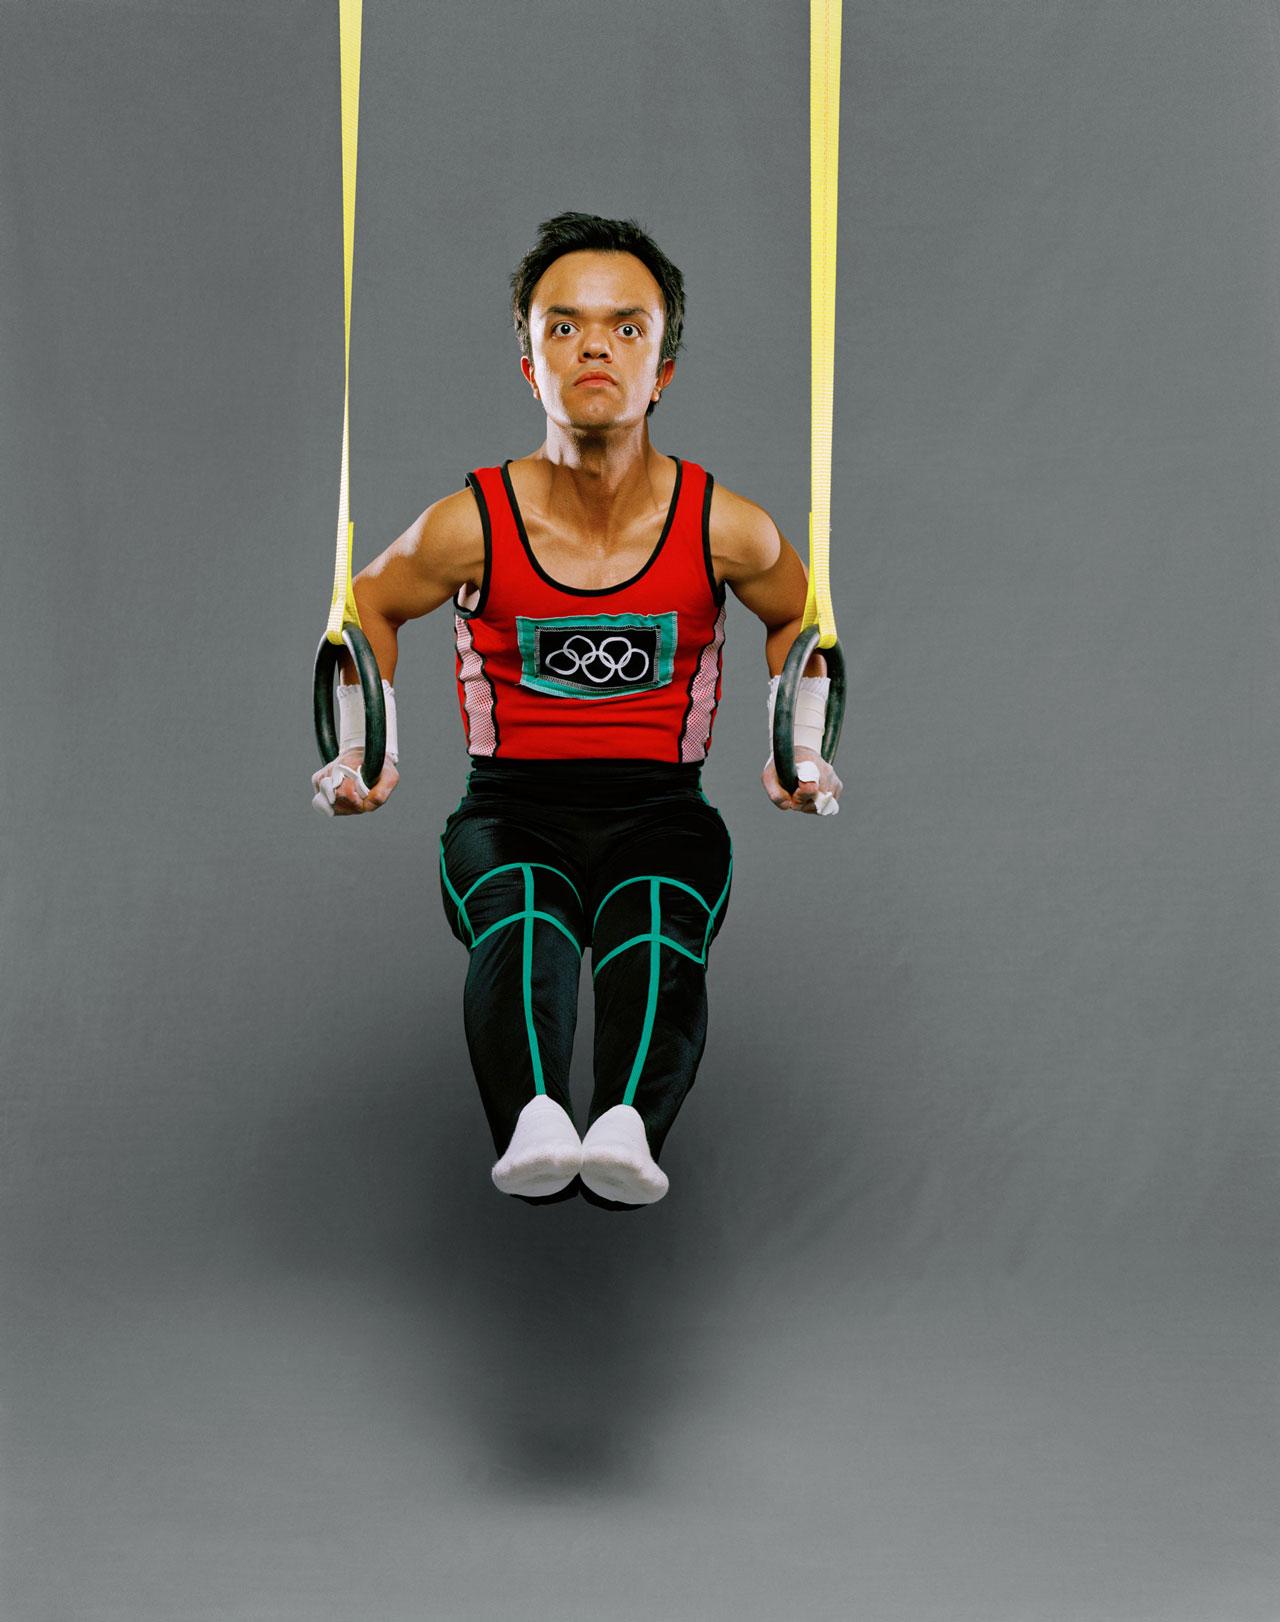 santiago-forero-rings-olympic-games.jpg